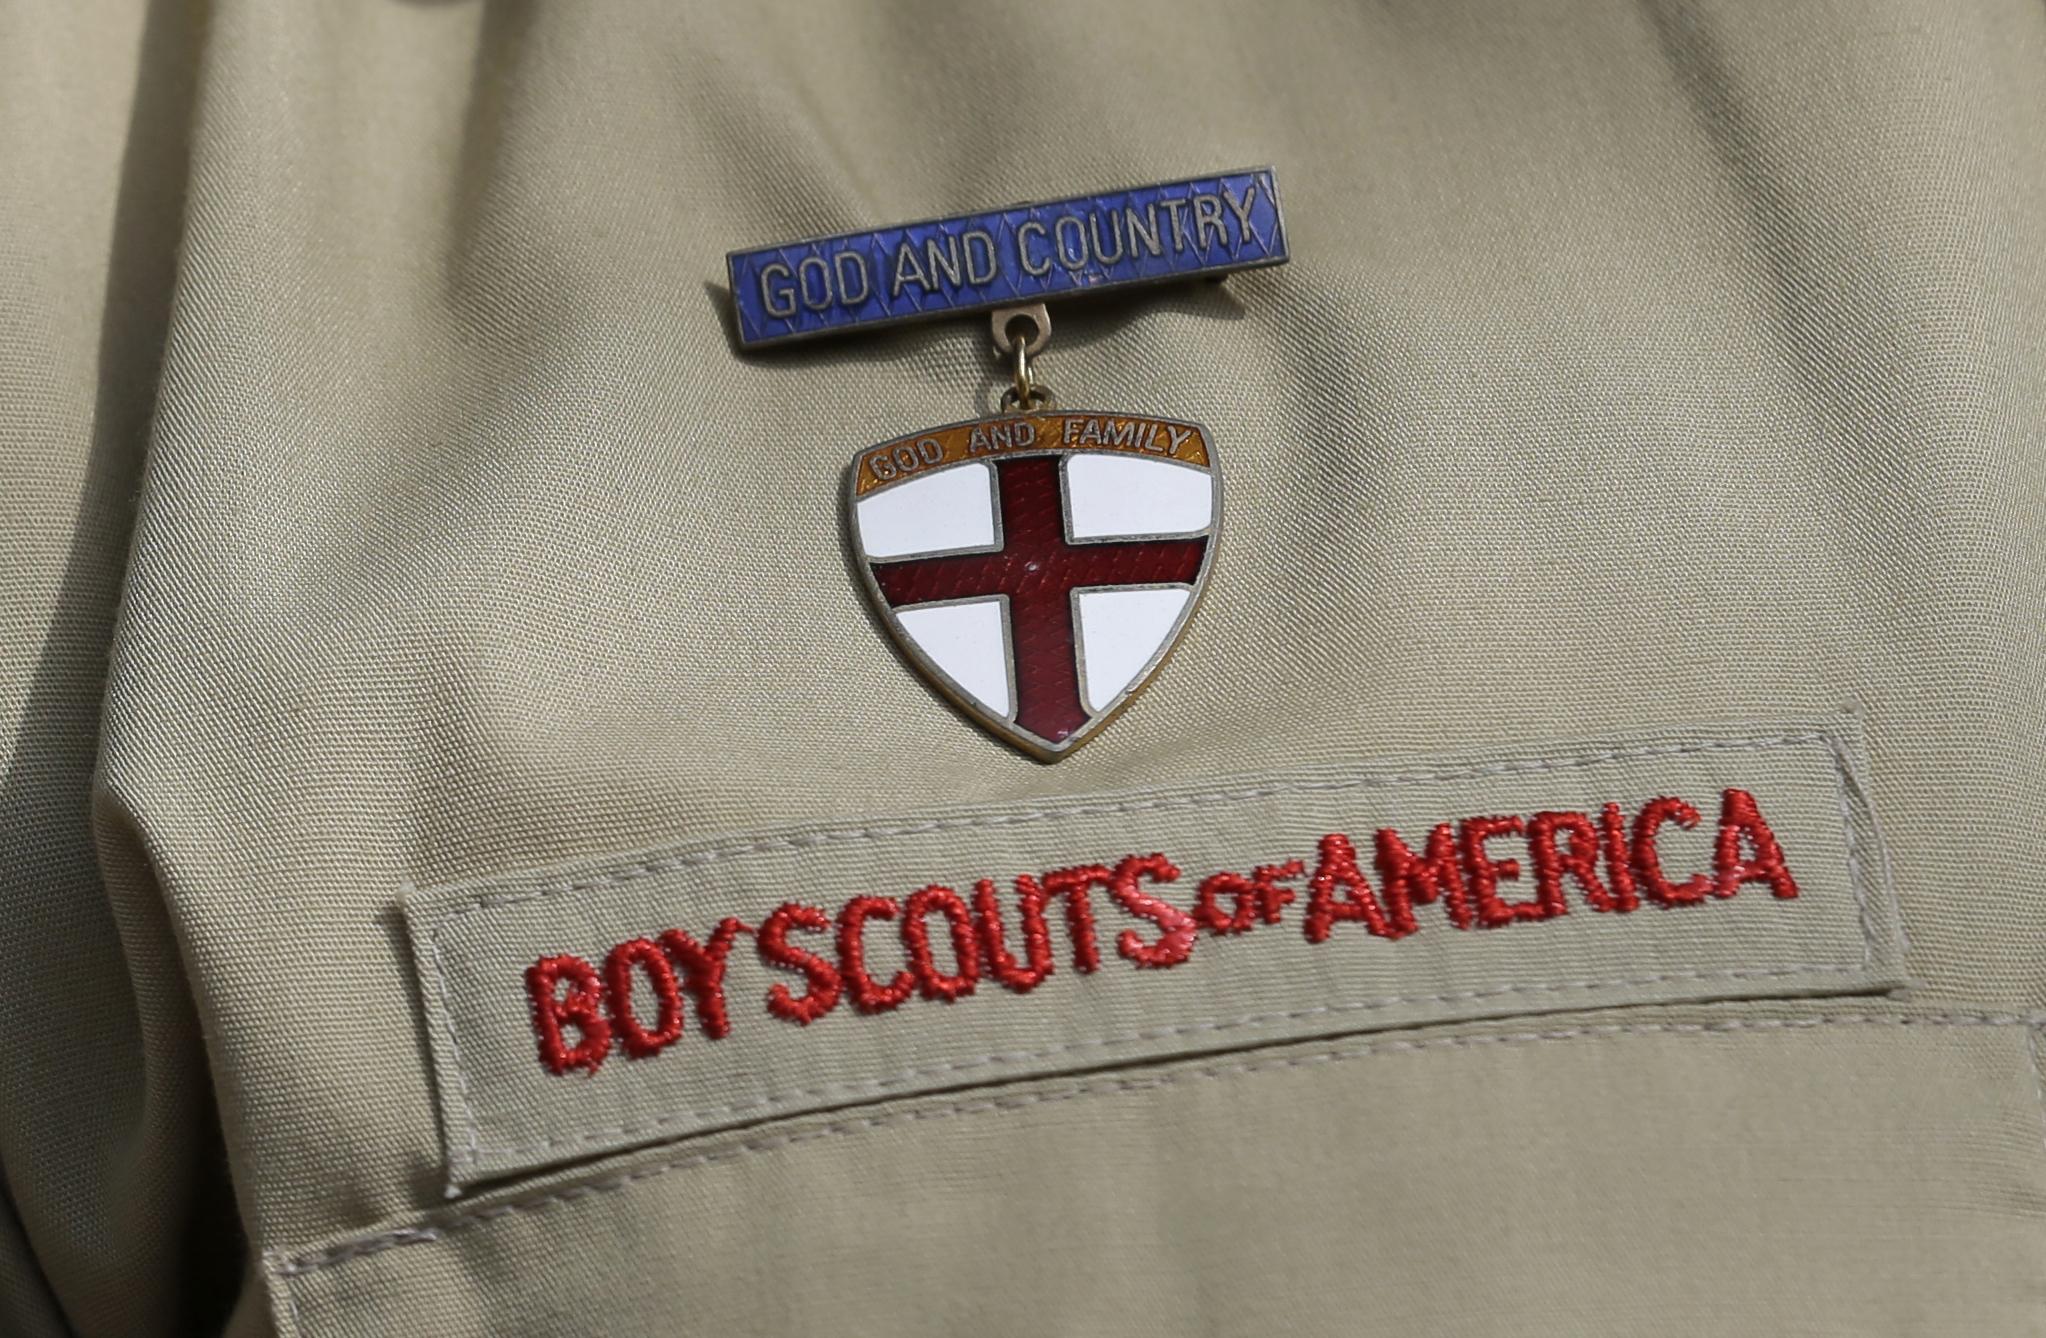 Boy_Scouts_Woes_55723-159532.jpg05867451